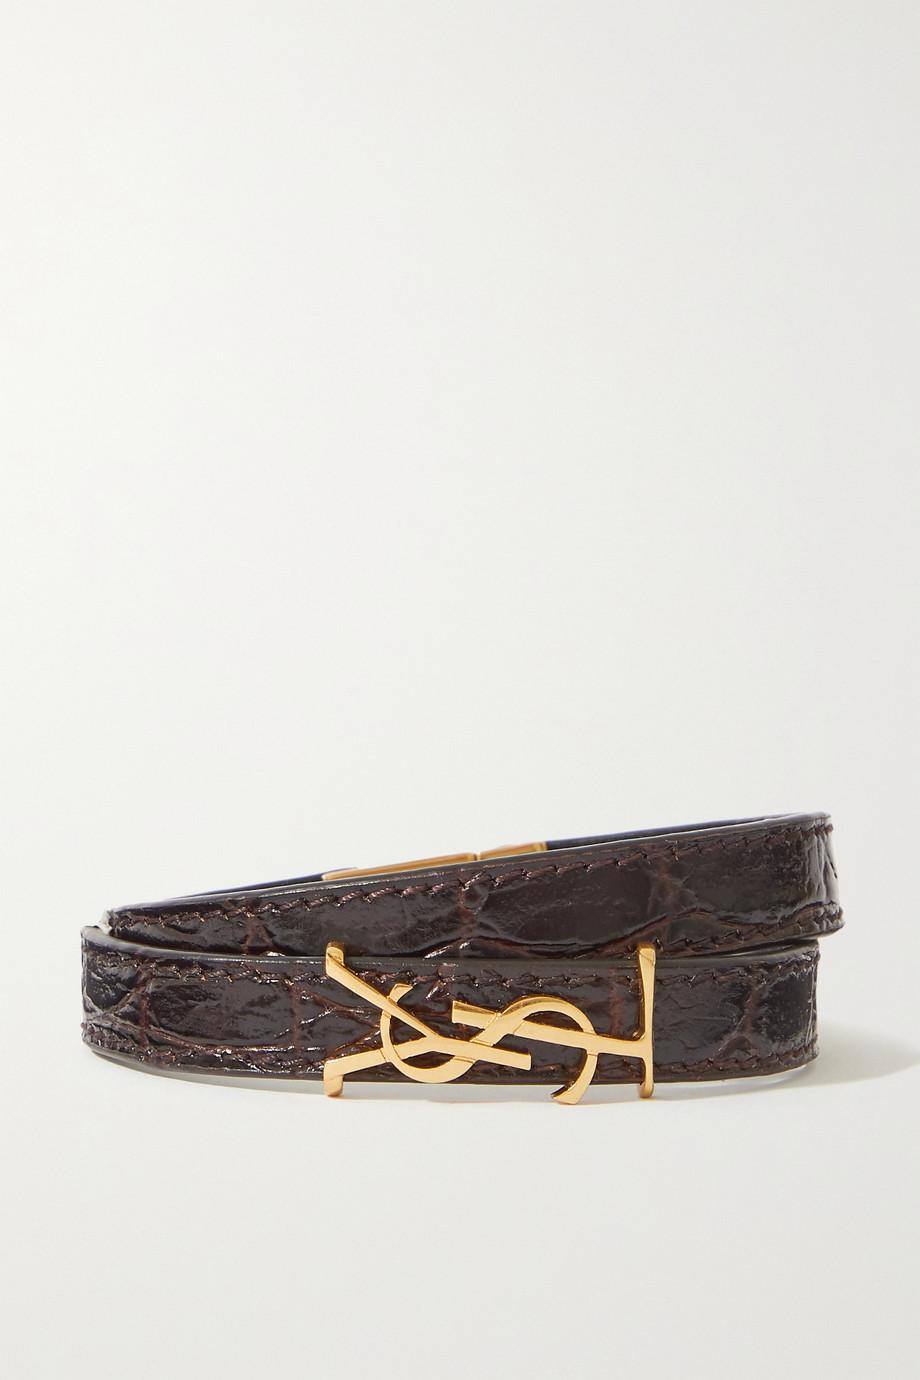 SAINT LAURENT Armband aus Leder mit Krokodileffekt und goldfarbenen Details